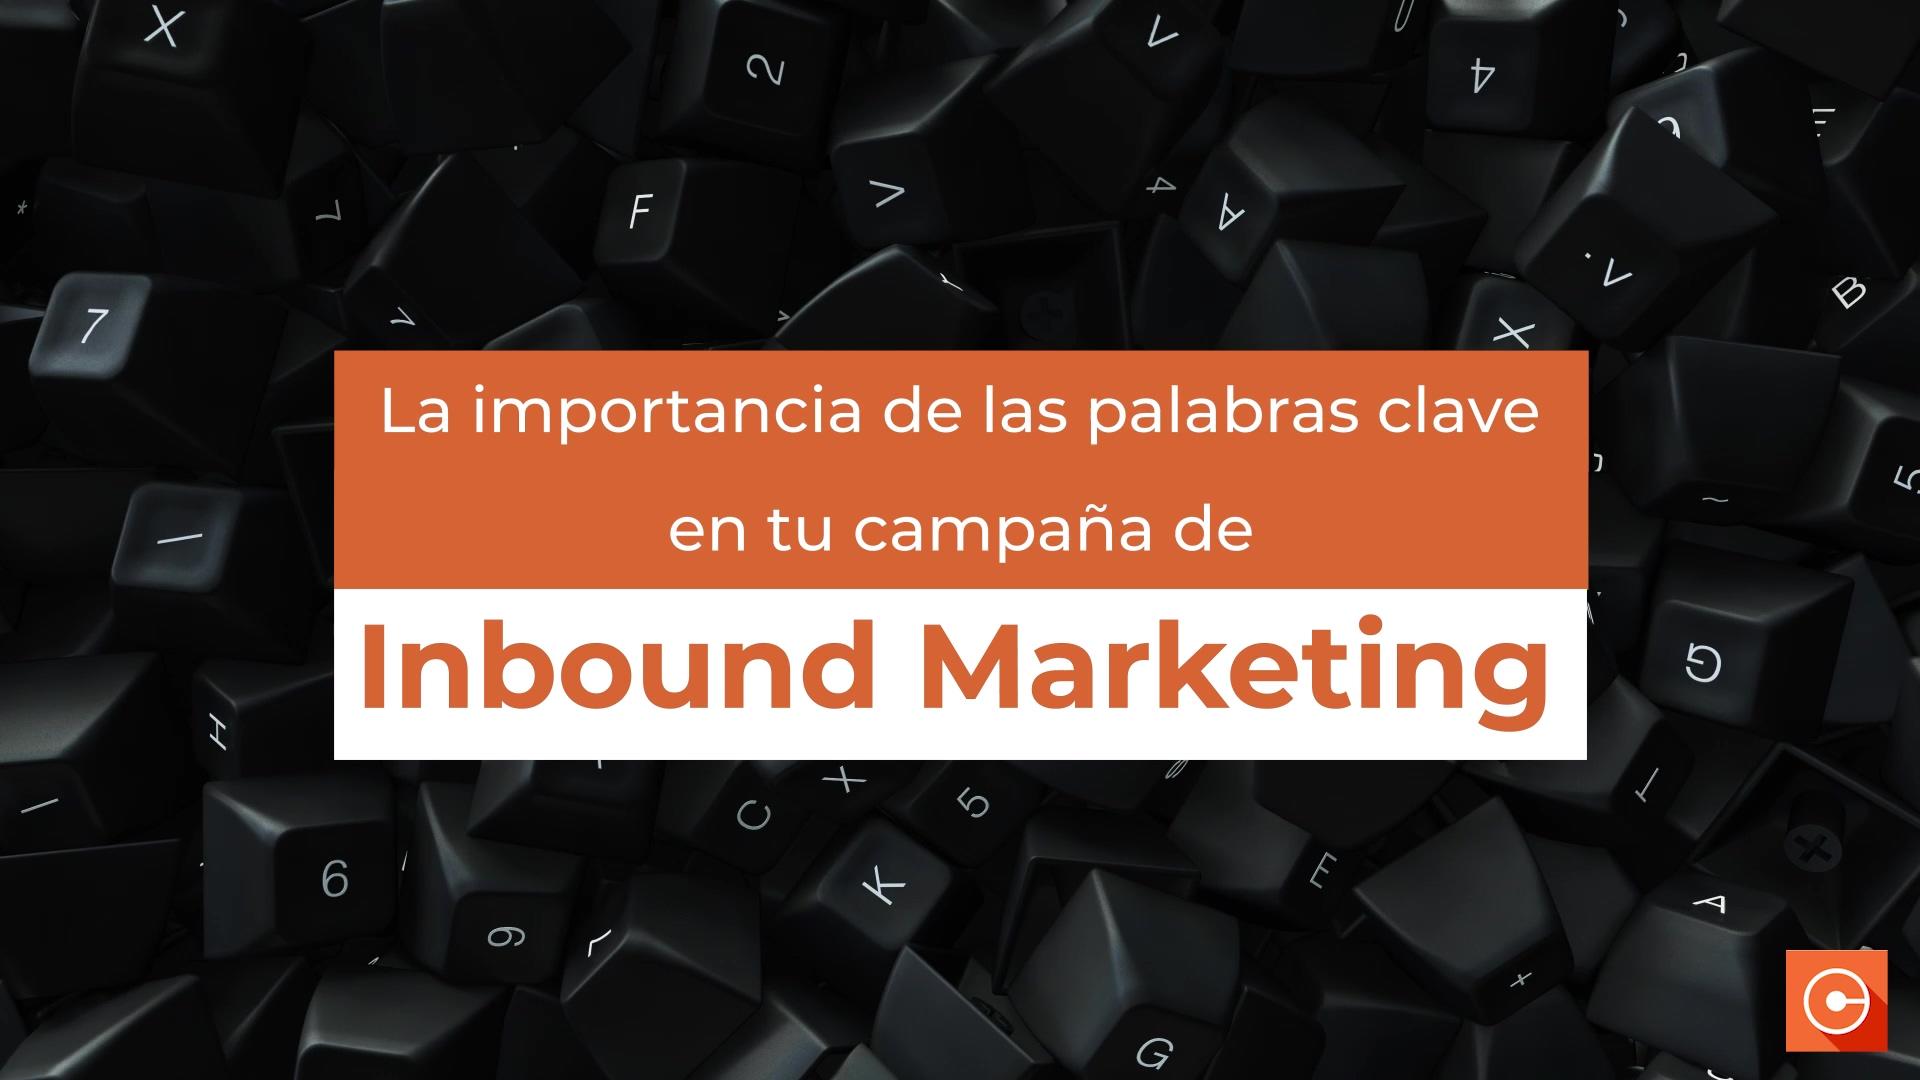 la-importancia-de-las-palabras-clave-en-inbound-marketing-1